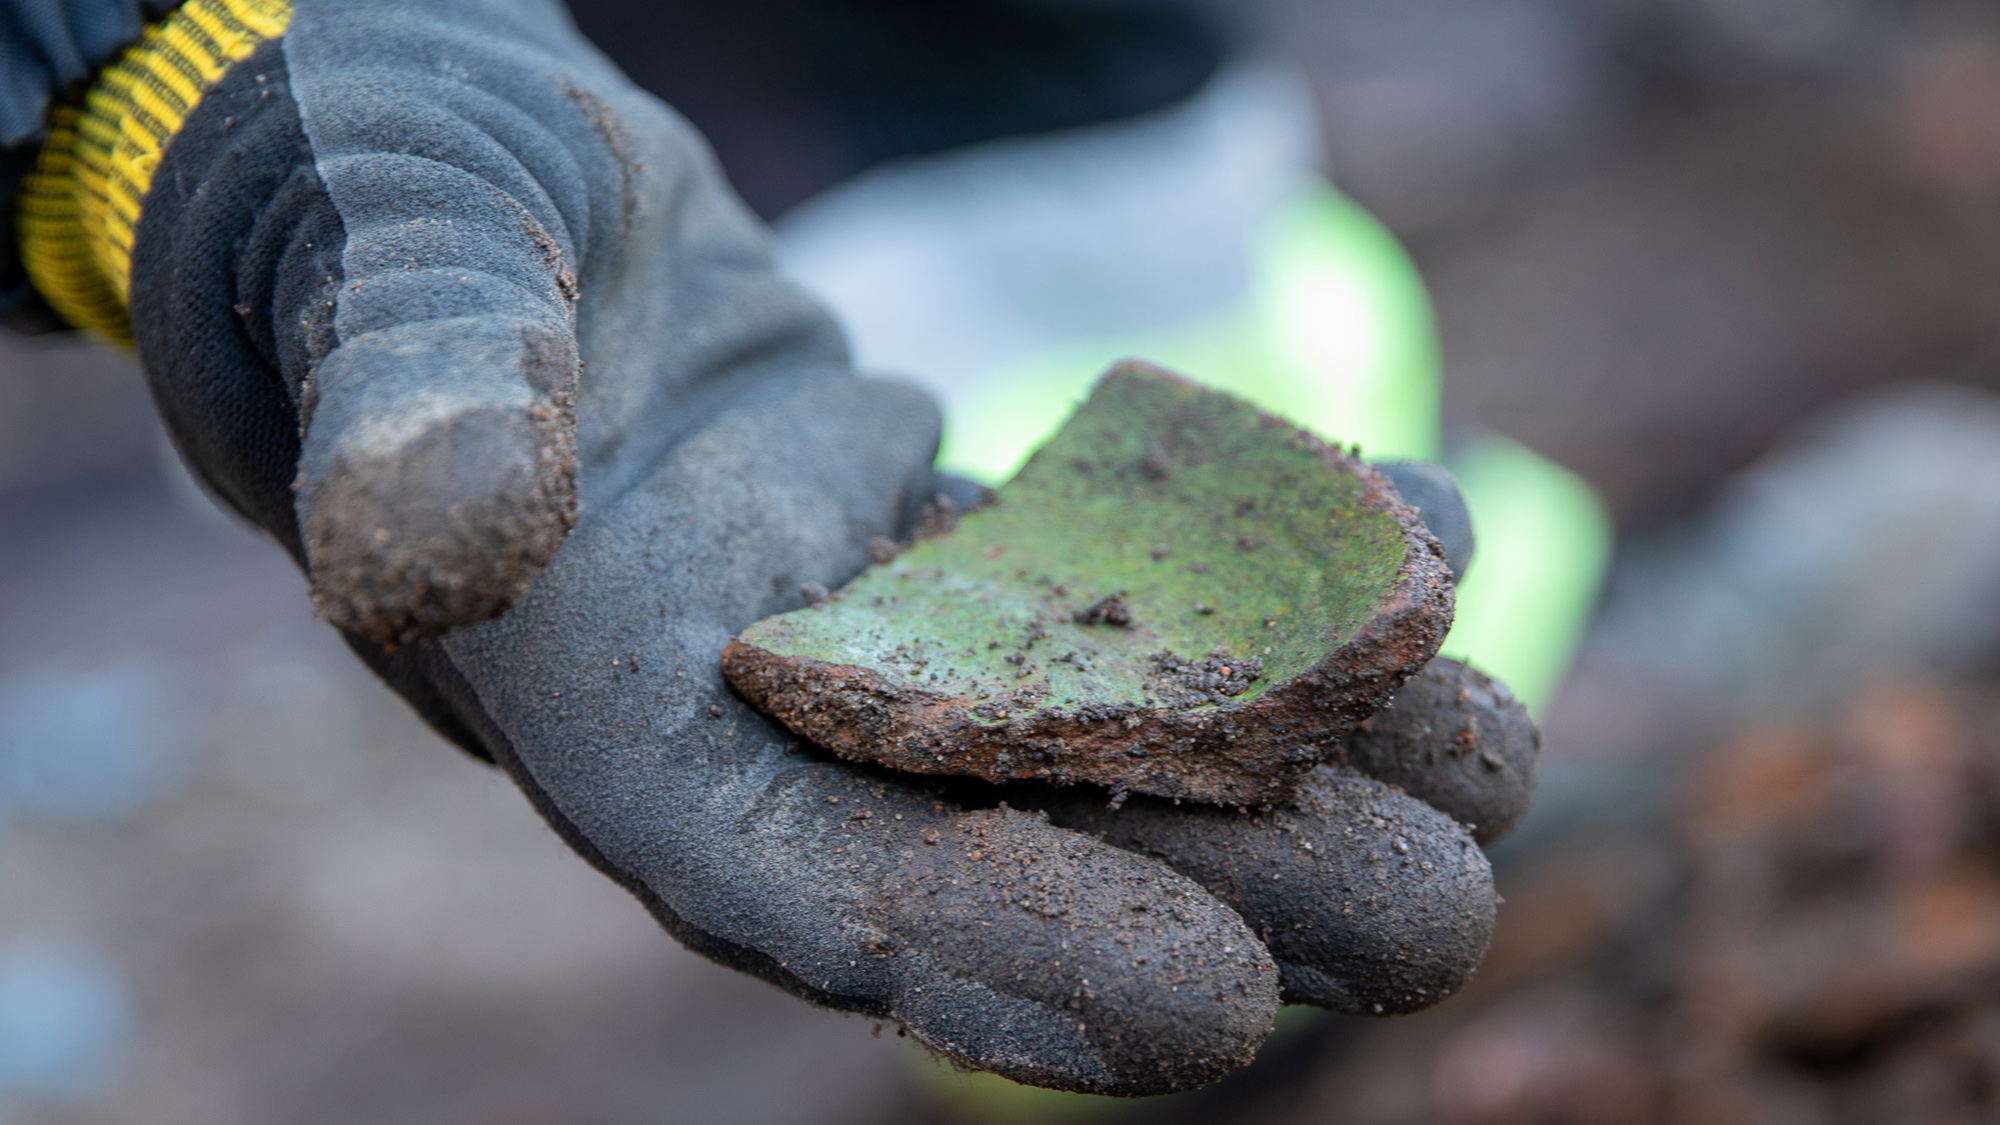 En hand med arbetshandske håller i en gröntonad krukskärva